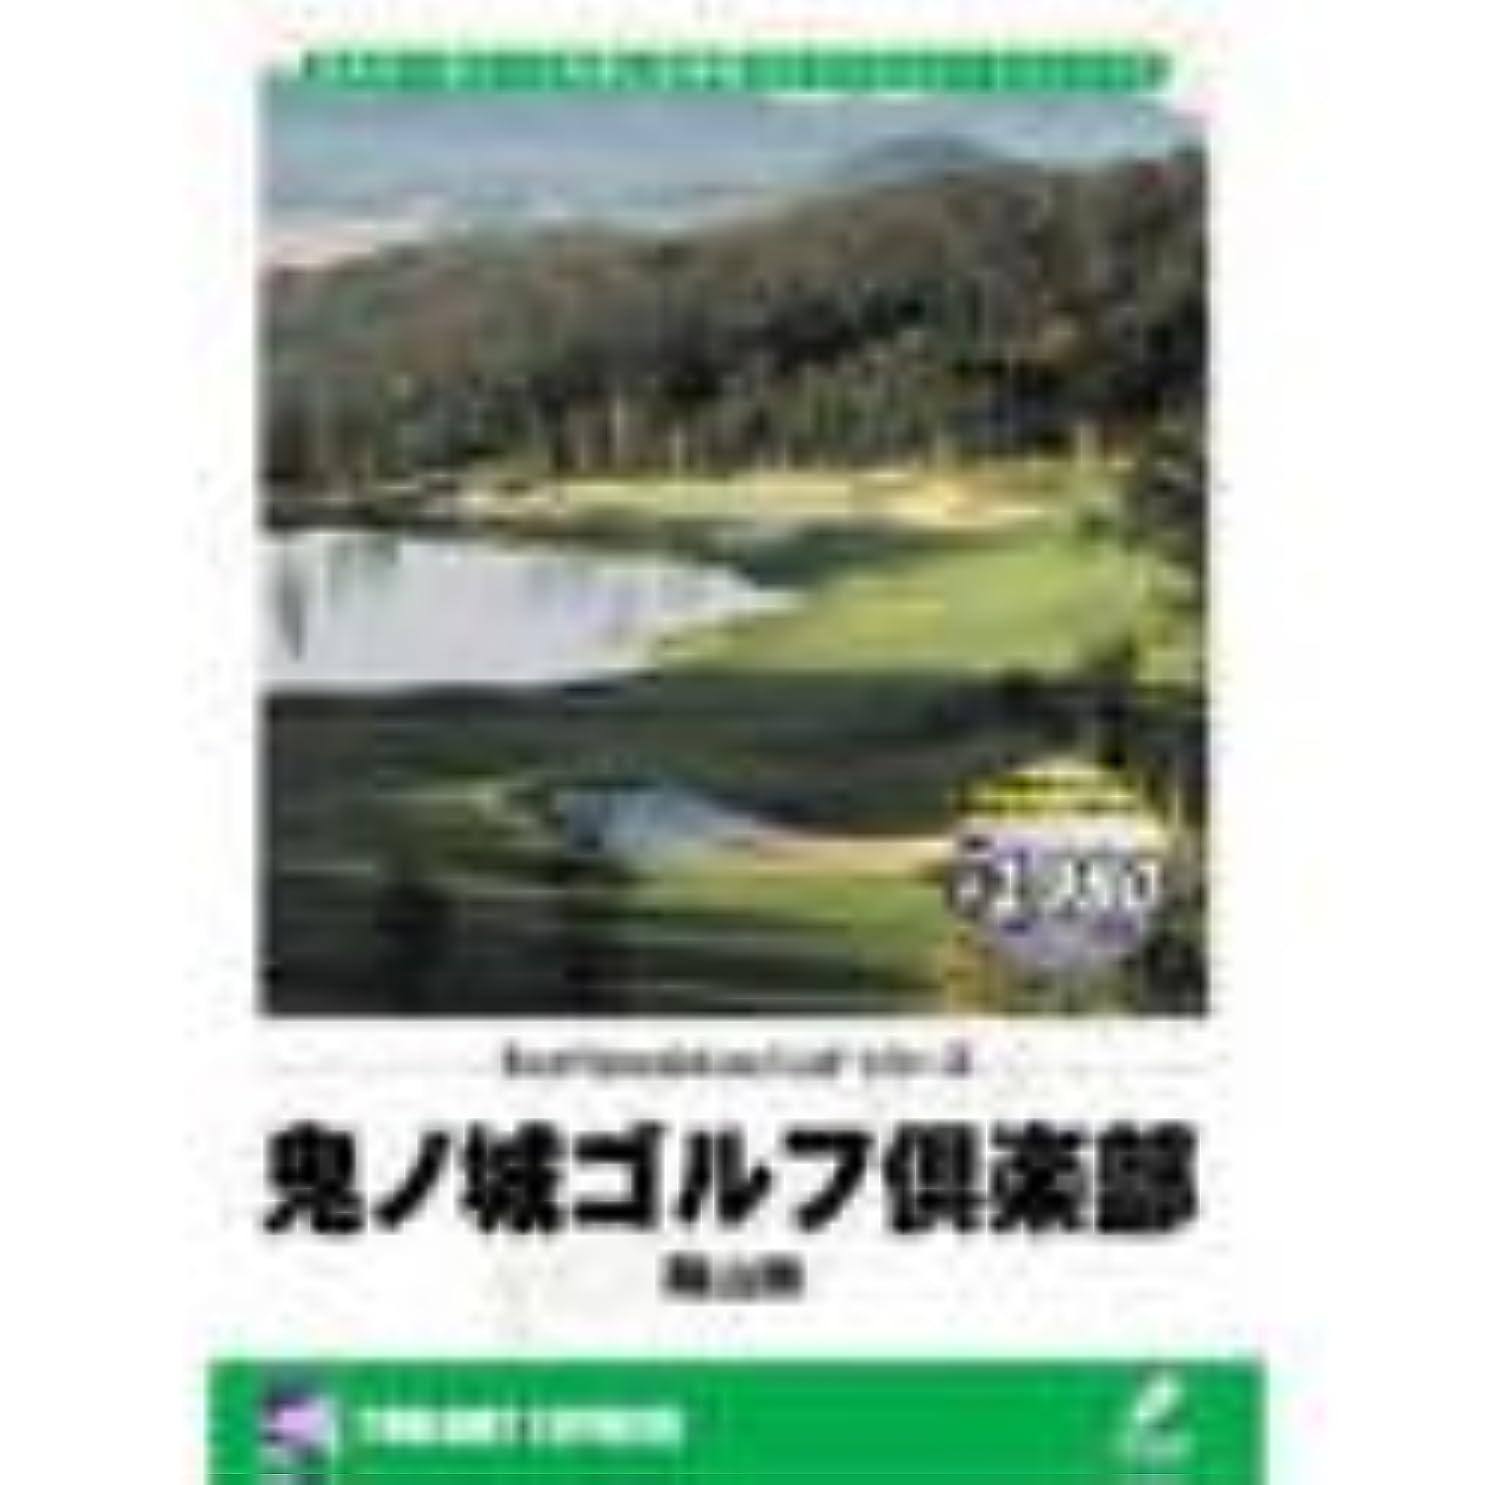 接辞シャックル罹患率リアルシミュレーションゴルフシリーズ 国内コース 2 鬼ノ城ゴルフ倶楽部 岡山県